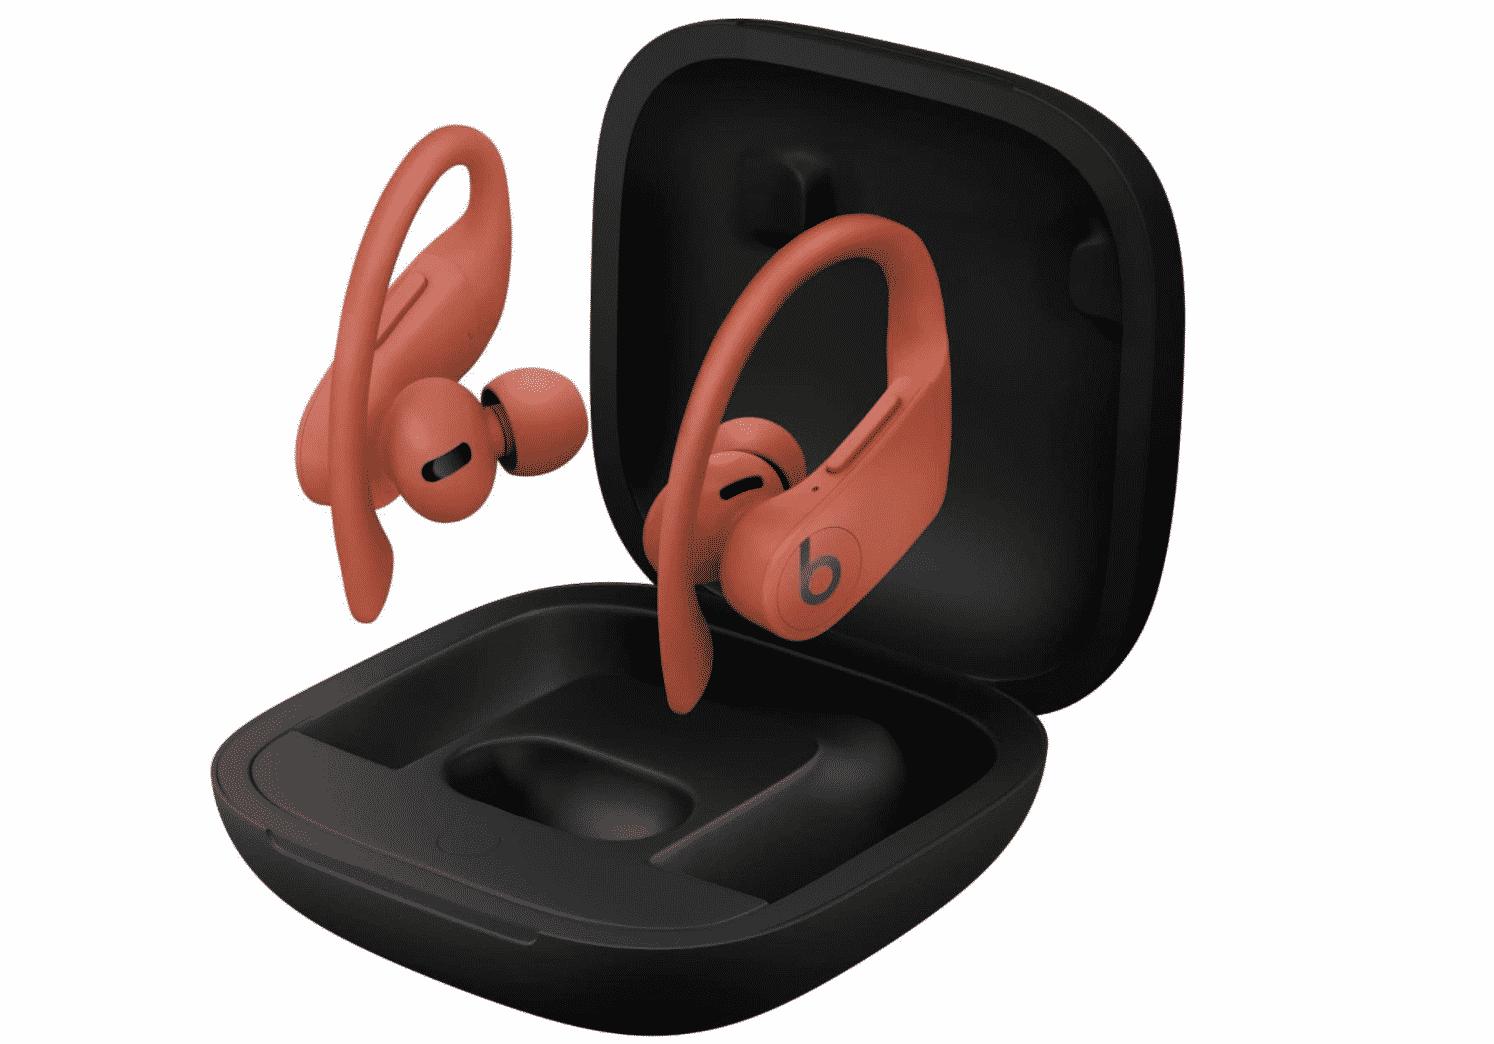 Powerbeats Pro Wireless Earphones is